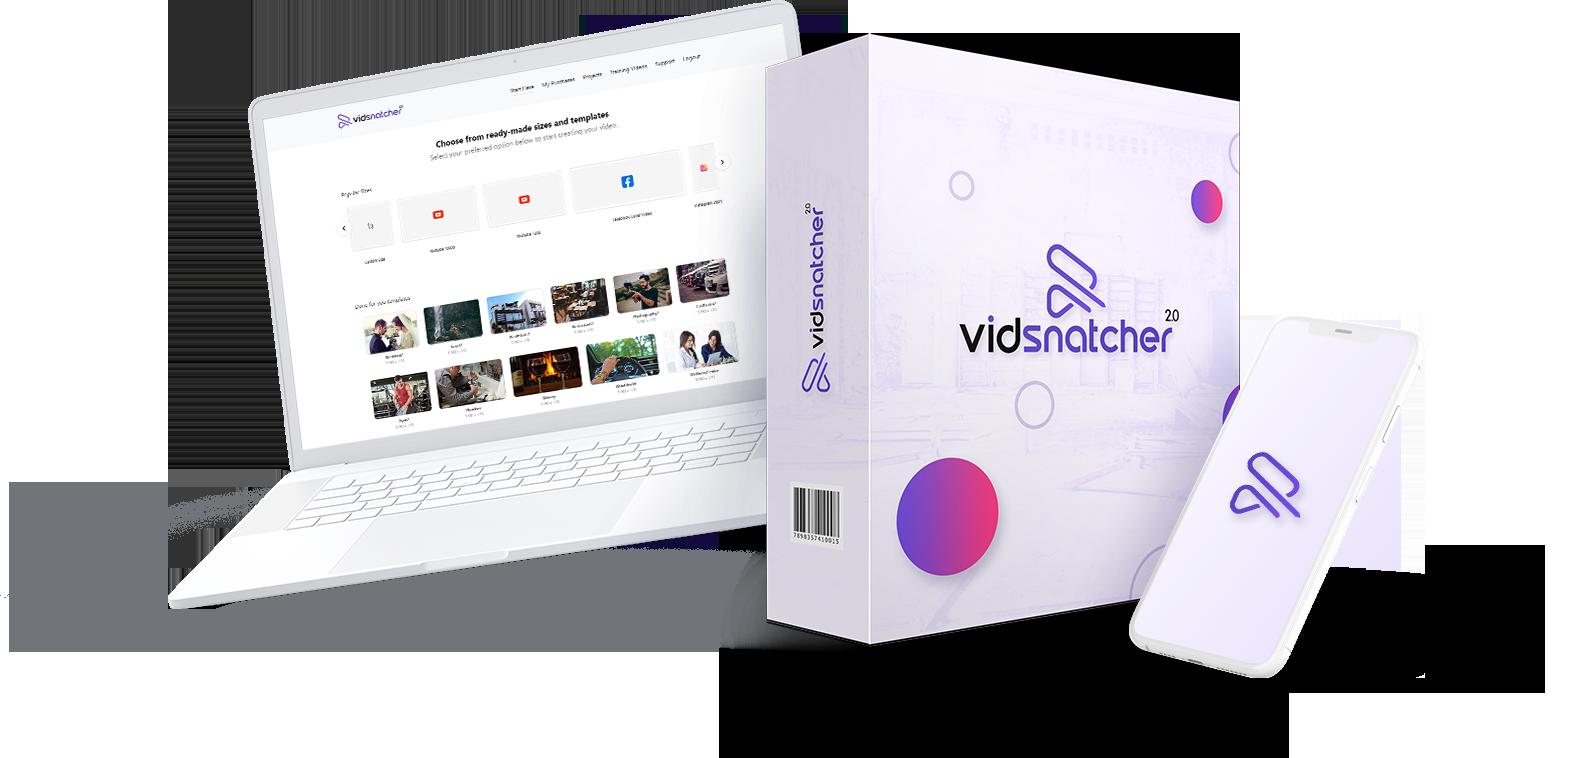 Vidsnatcher 2.0 Review